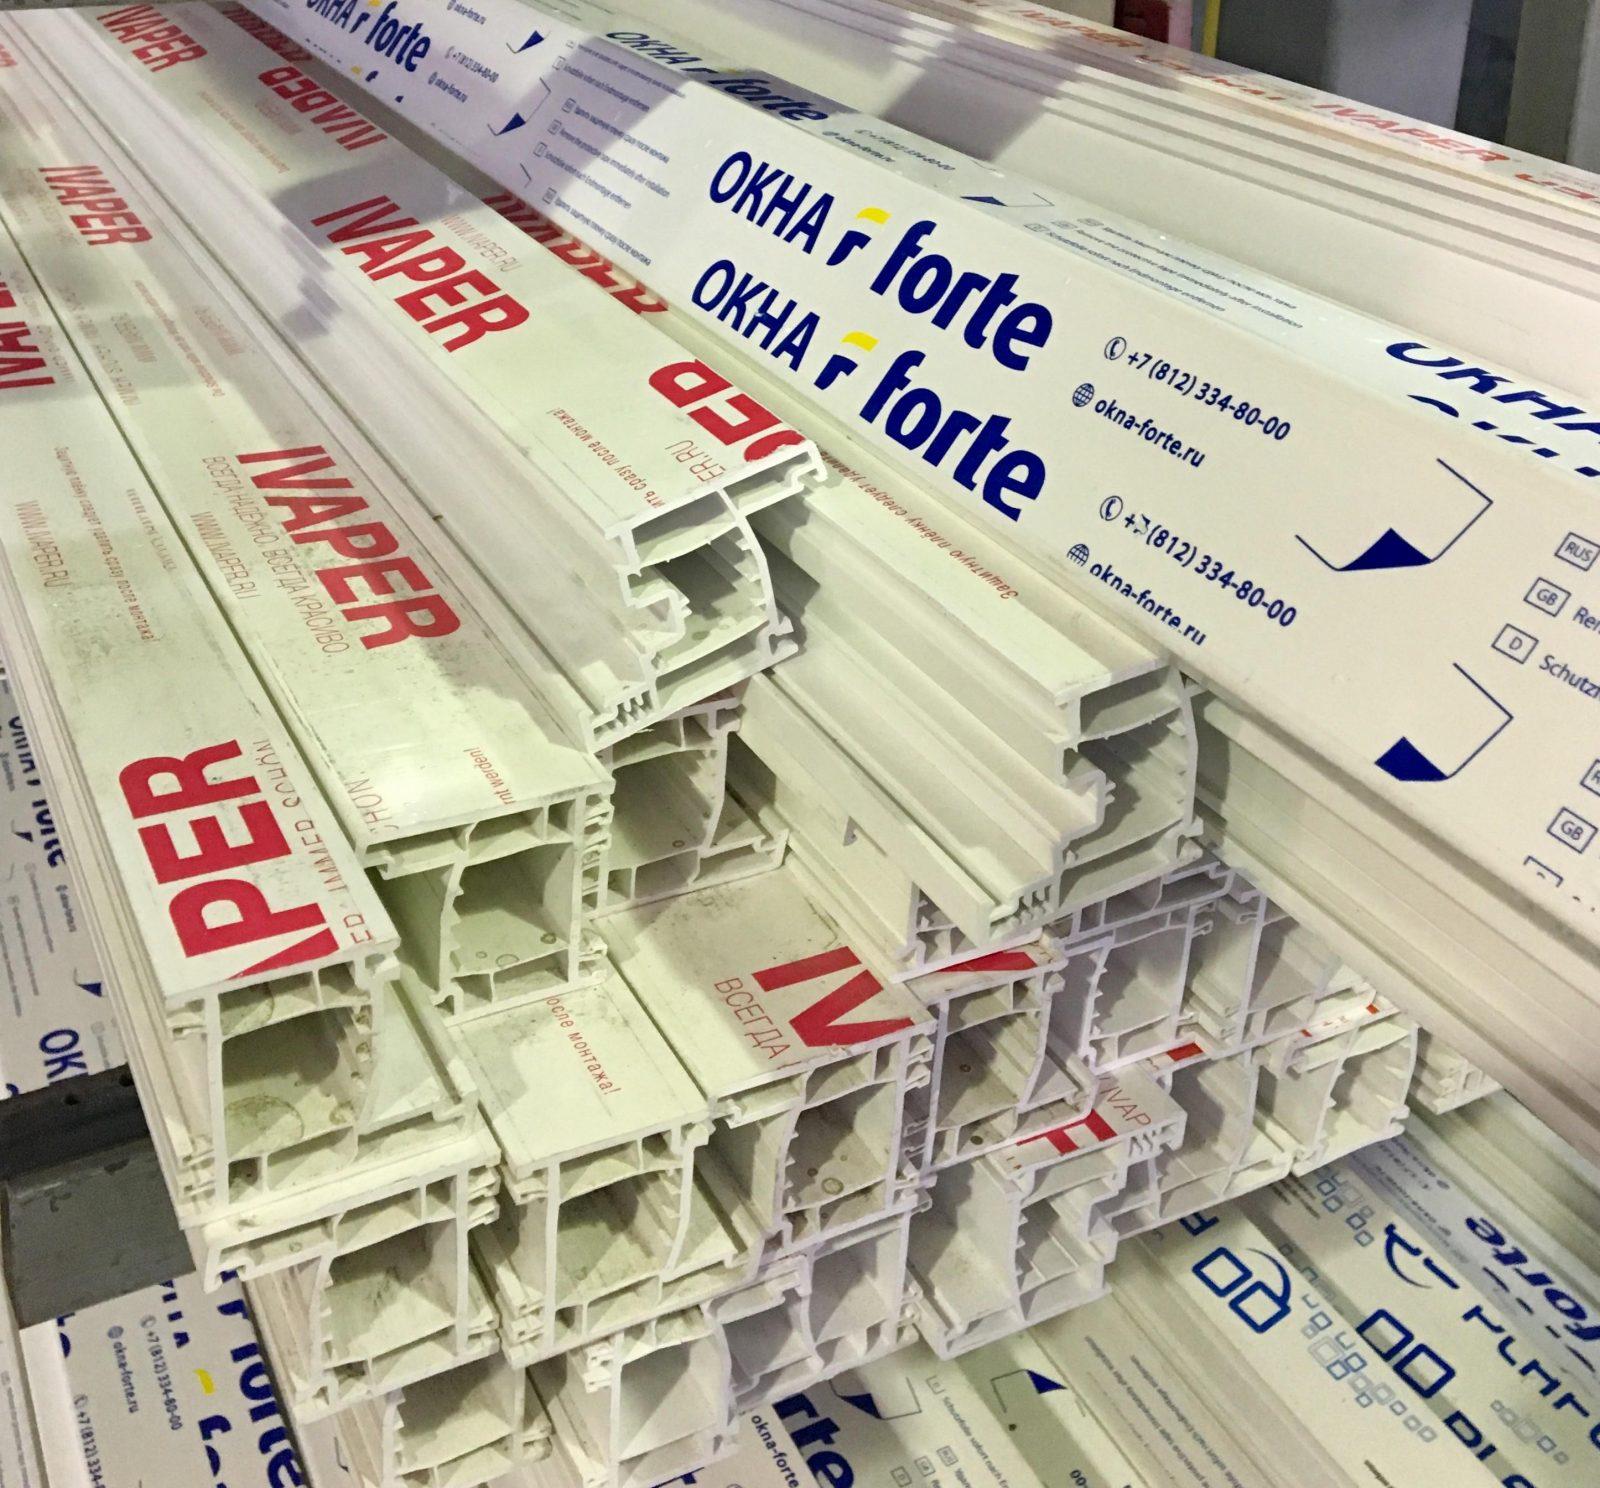 Замена пластиковых окон на новые от компании Forte